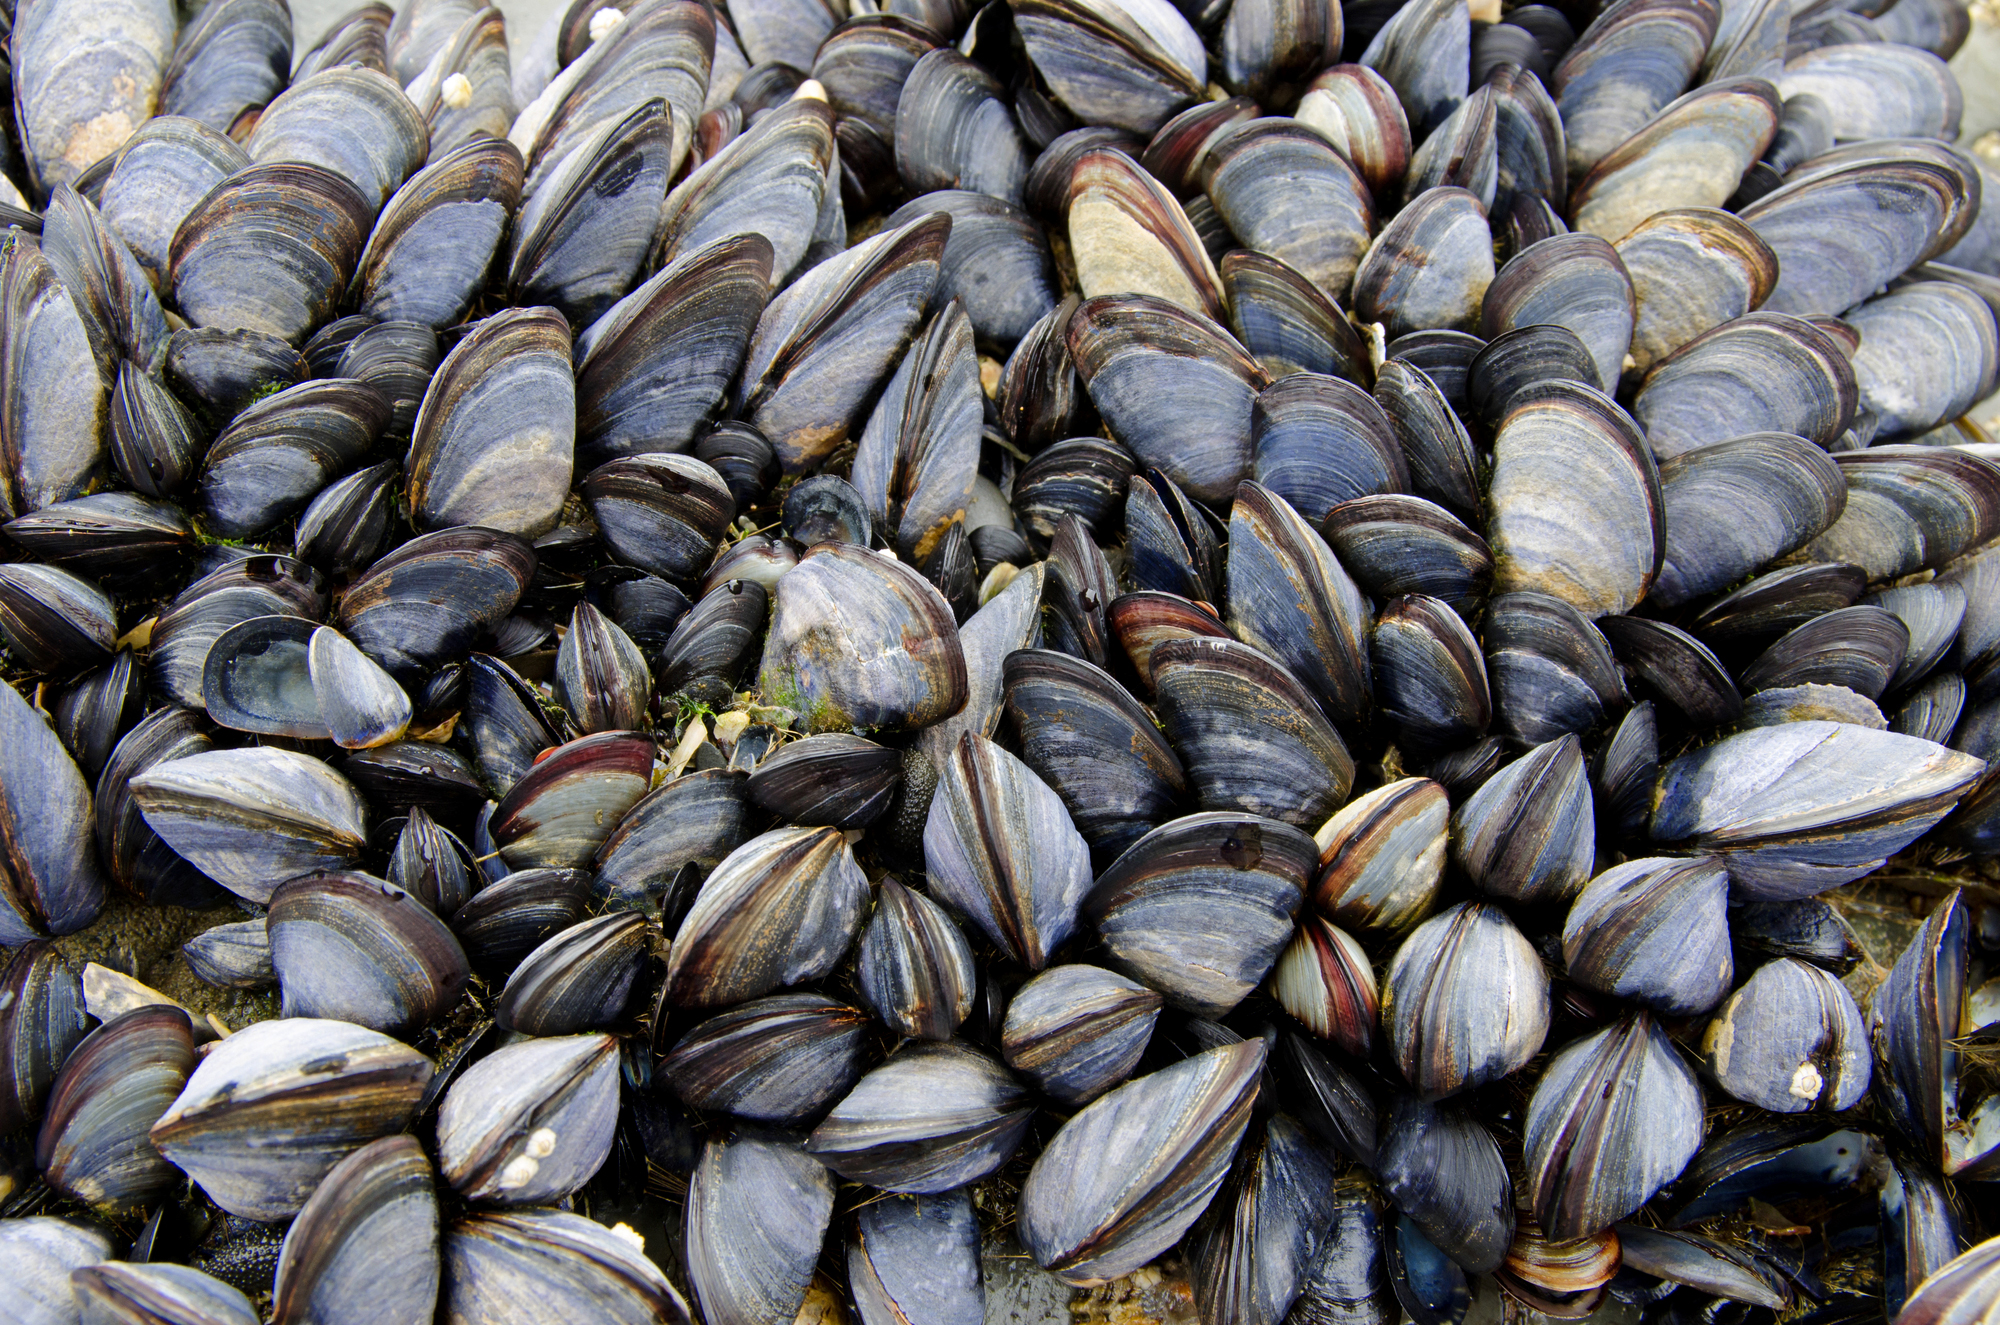 Вряд ли двустворчатые моллюски самостоятельно путешествуют между Южным иСеверным полушариями— им помогает человек.